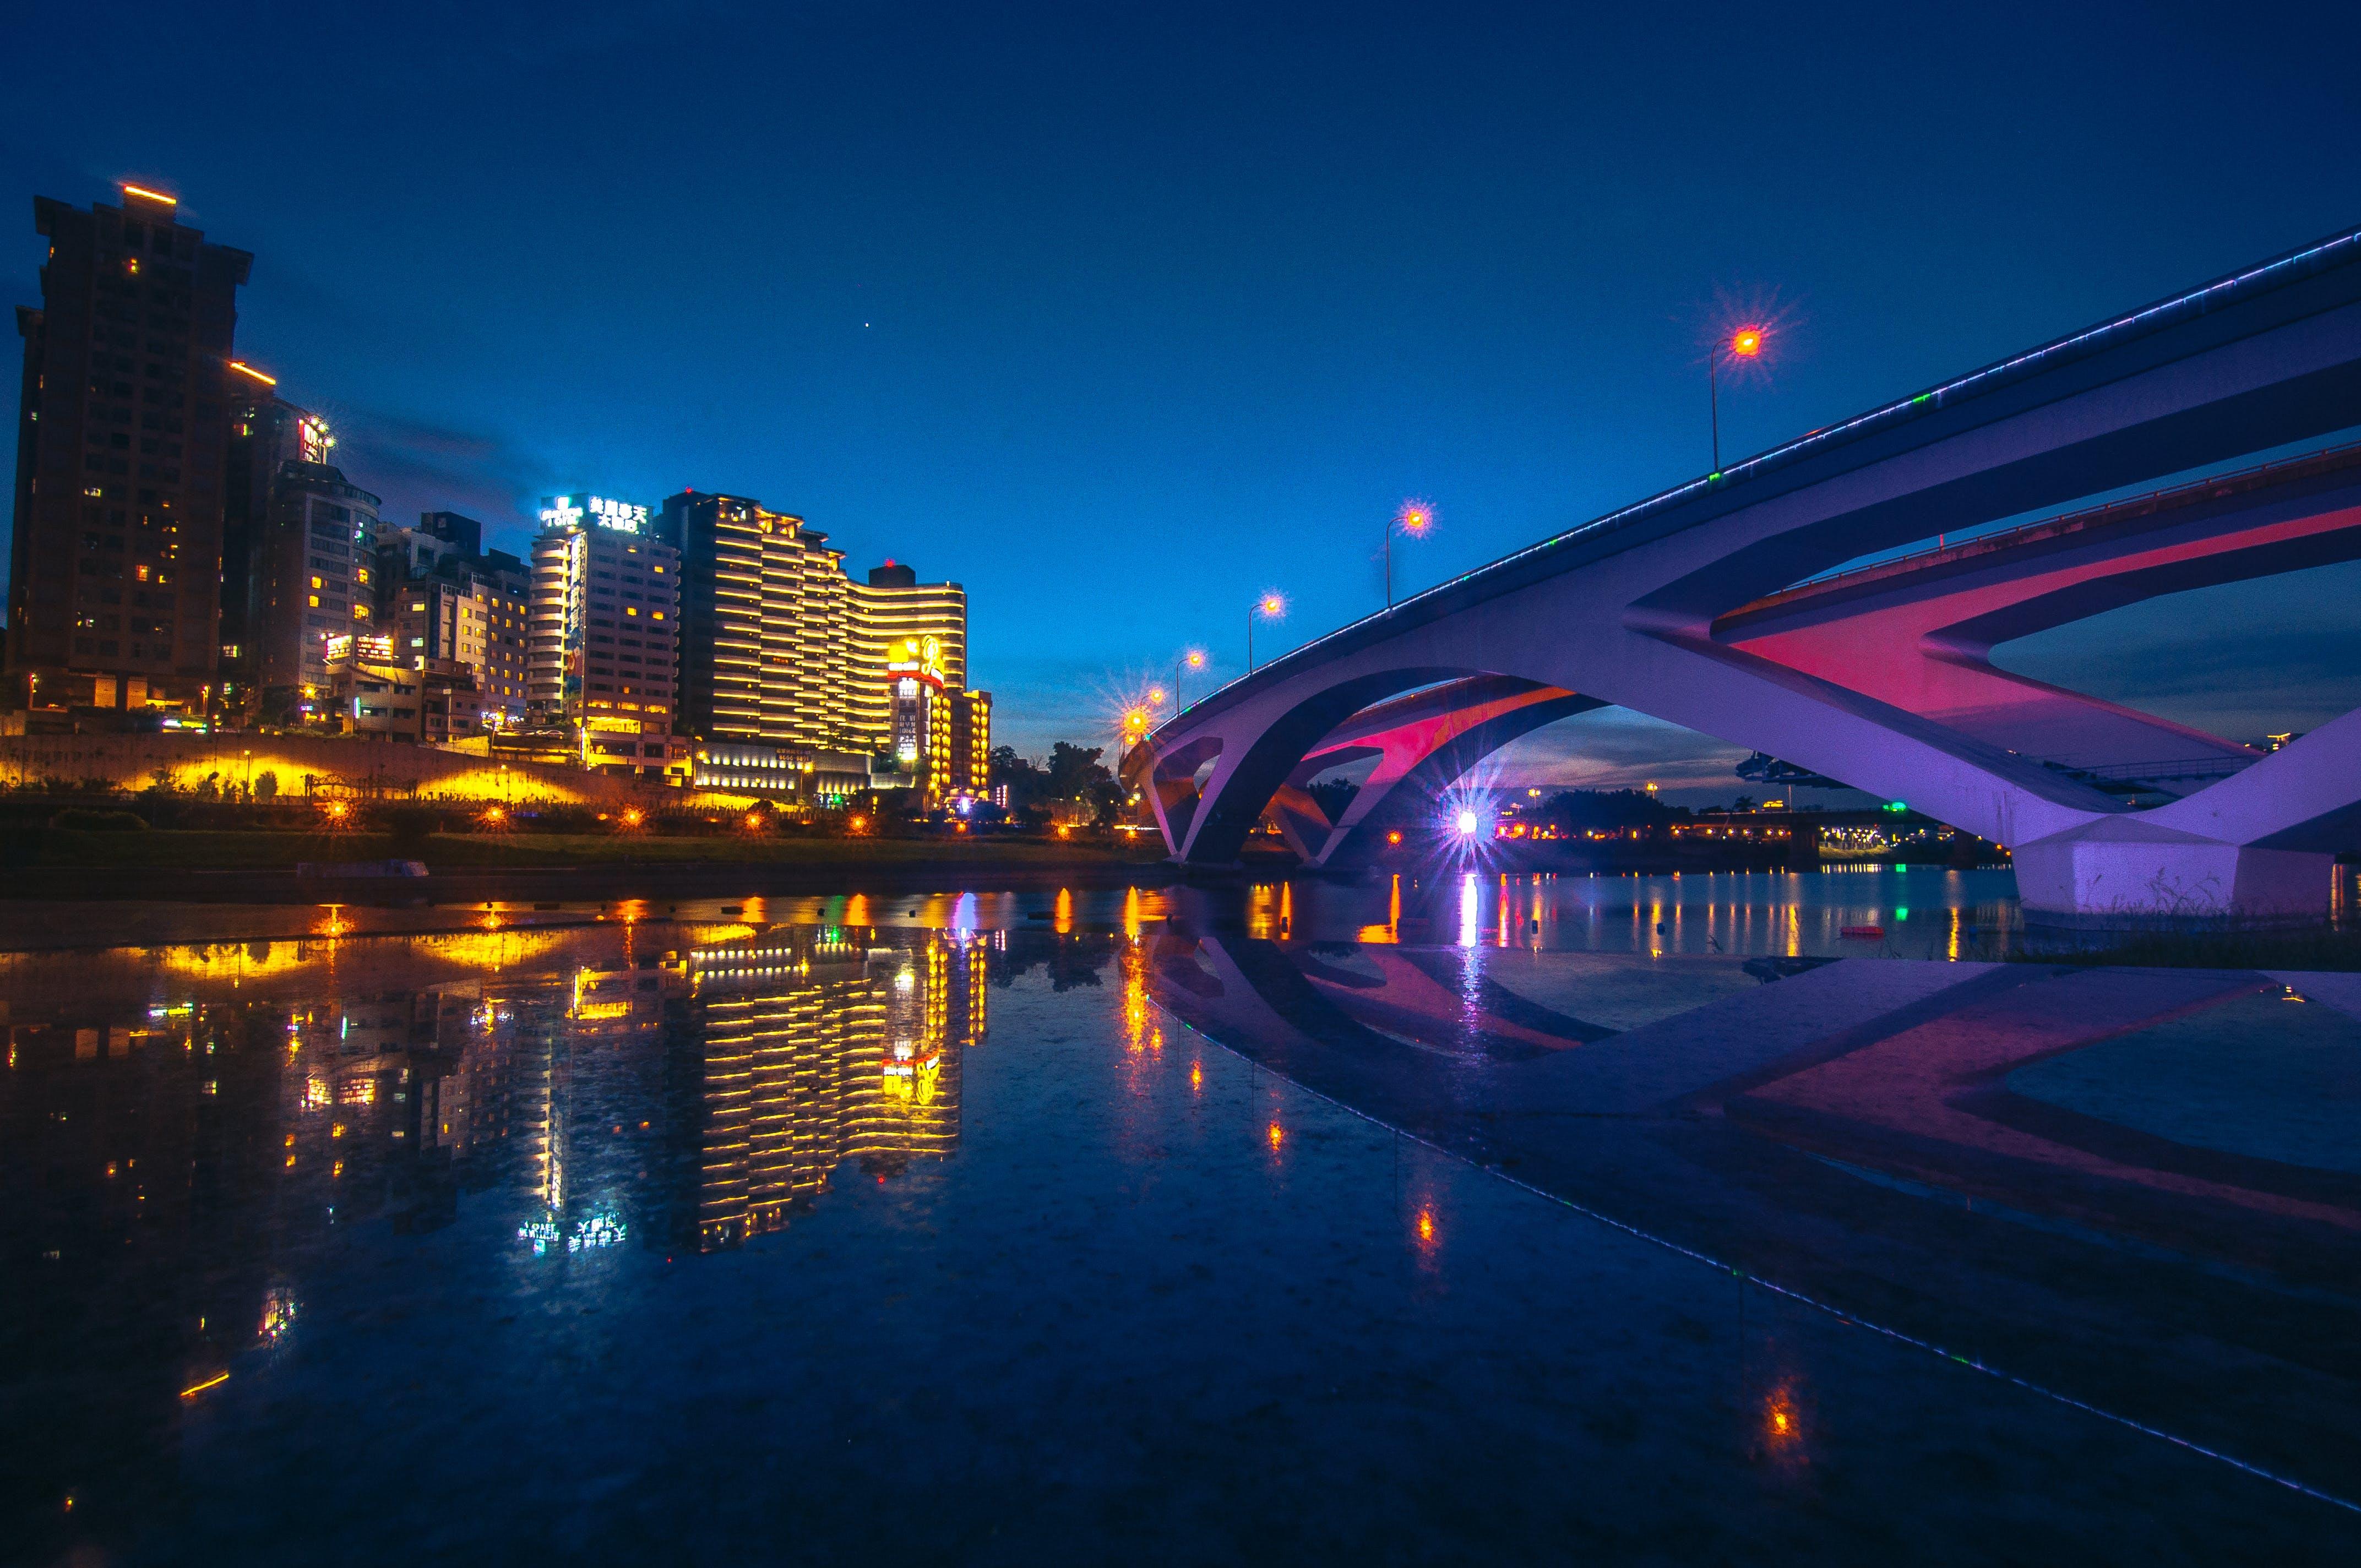 Fotos de stock gratuitas de arquitectura, carretera, céntrico, ciudad